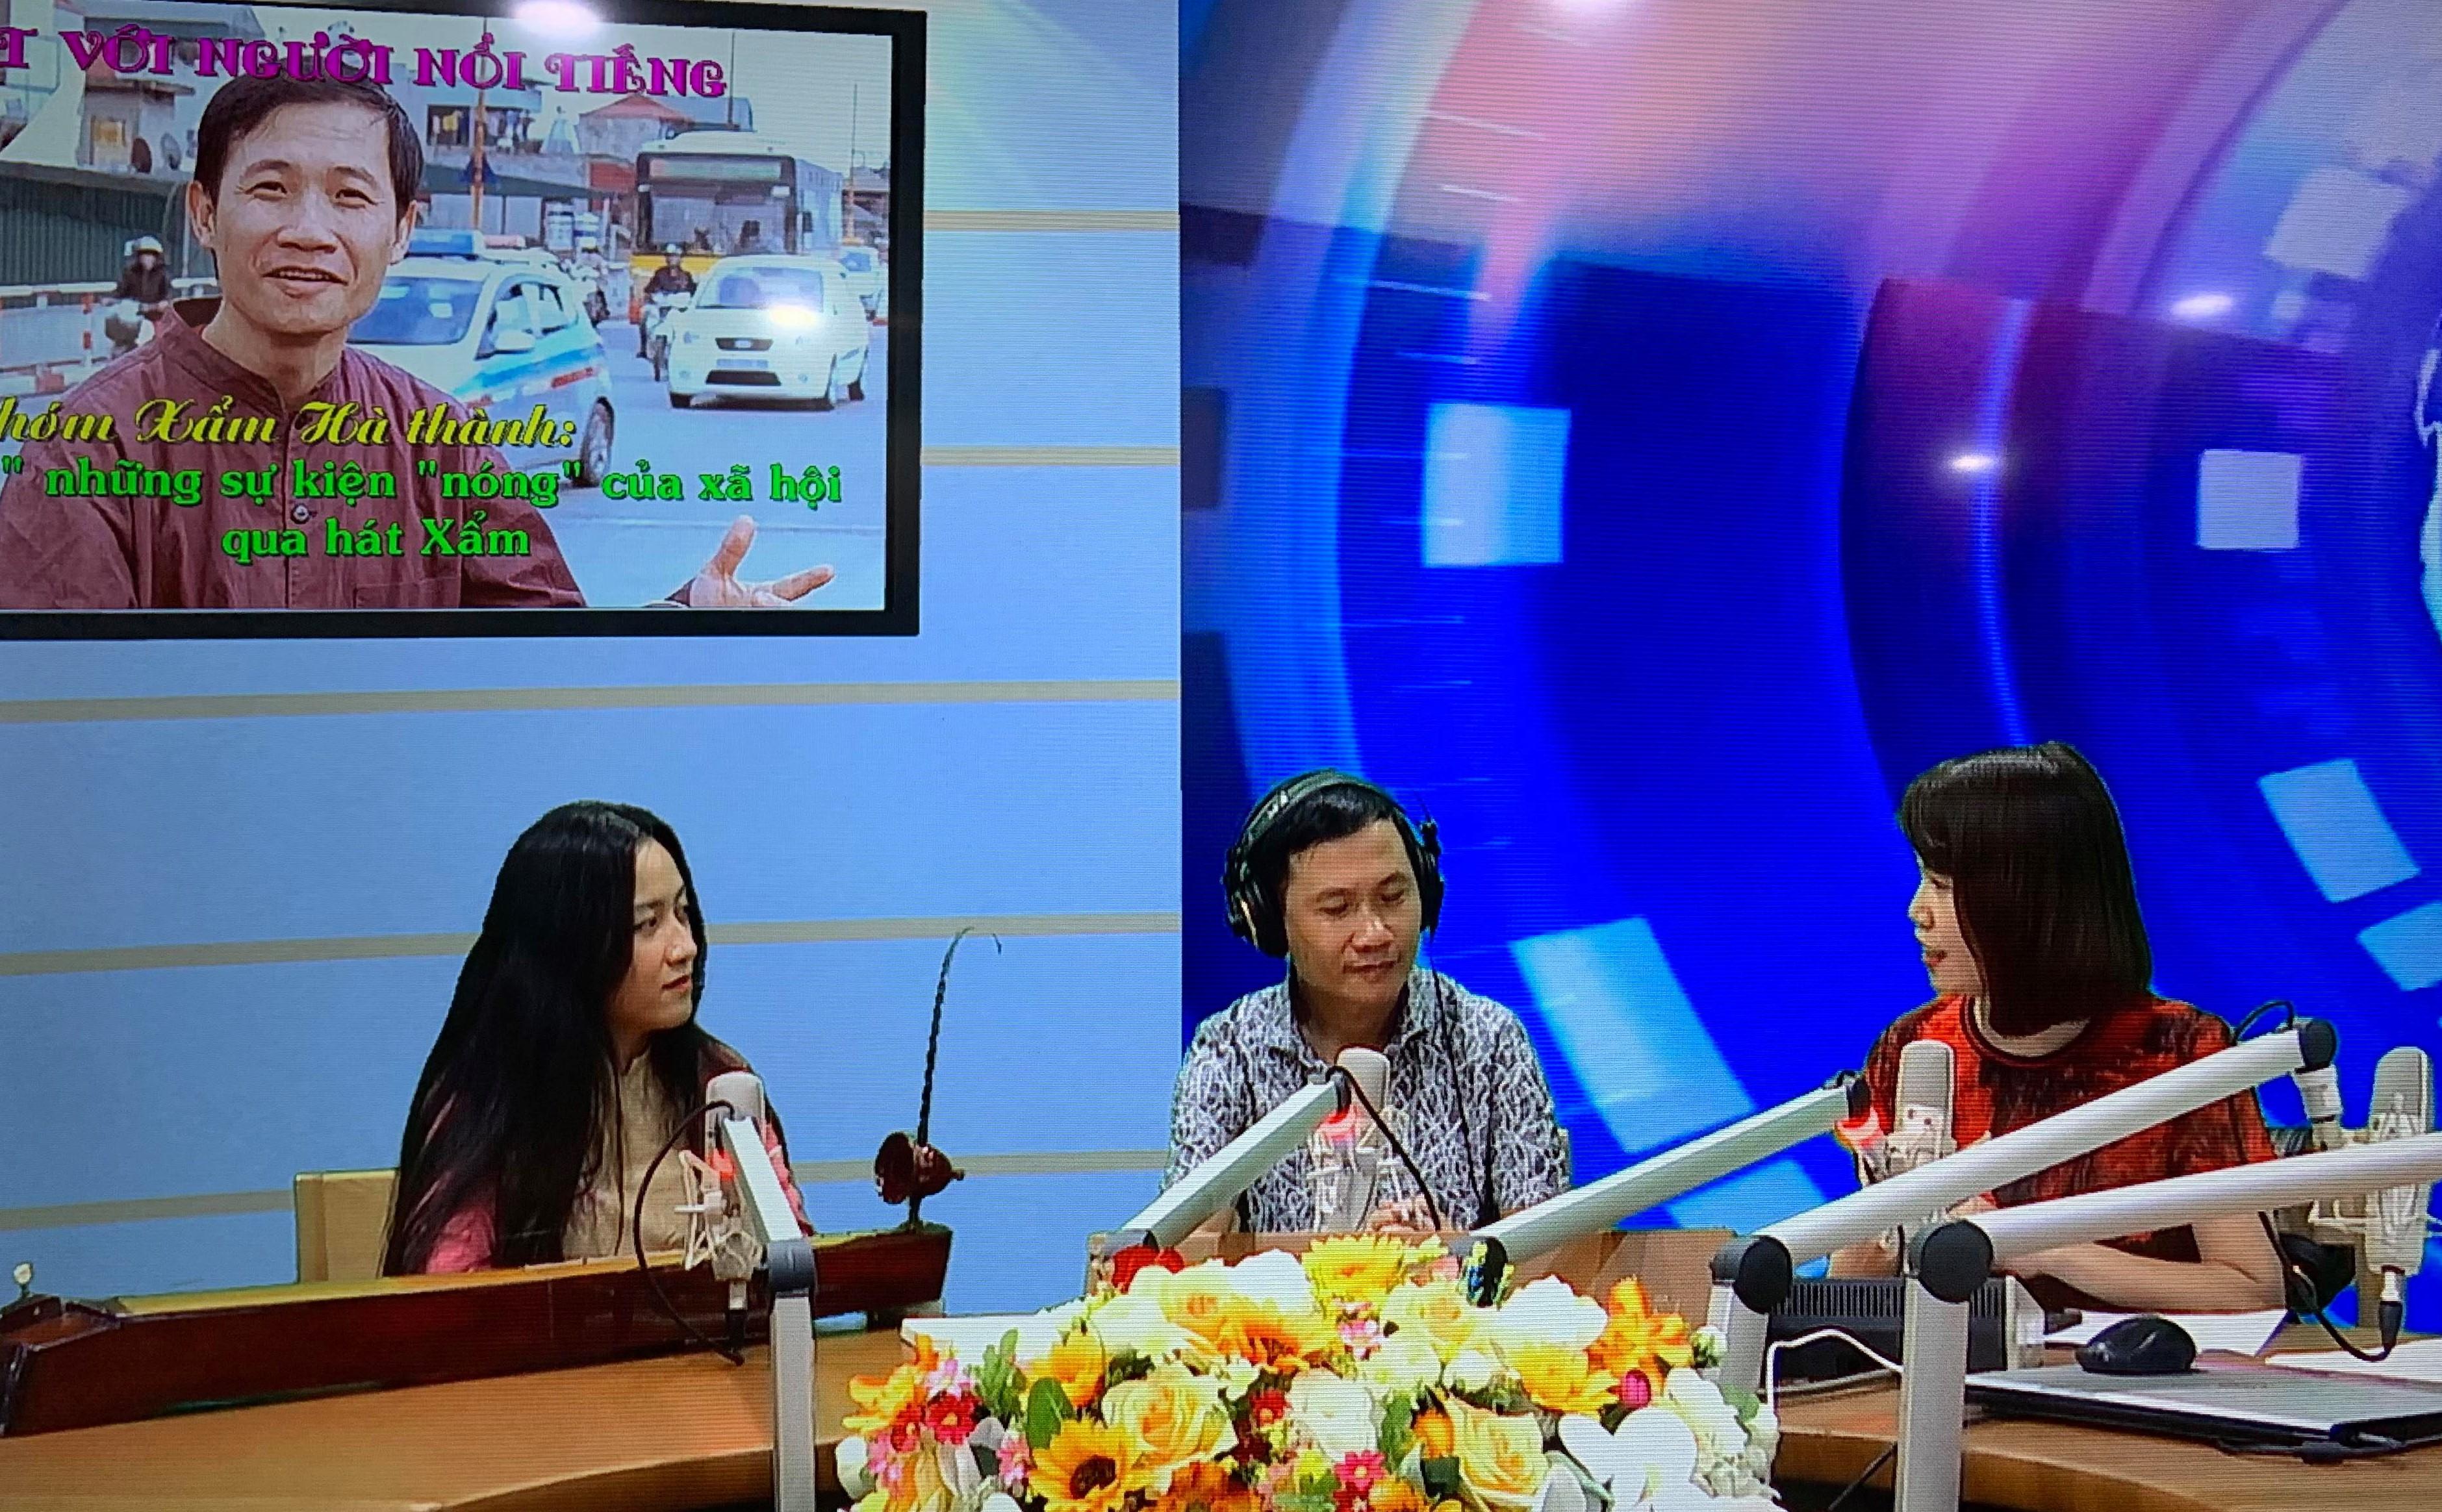 Nhóm Xẩm Hà thành: Đưa bộ môn nghệ thuật dân gian đặc sắc tới giới trẻ (18/5/2019)